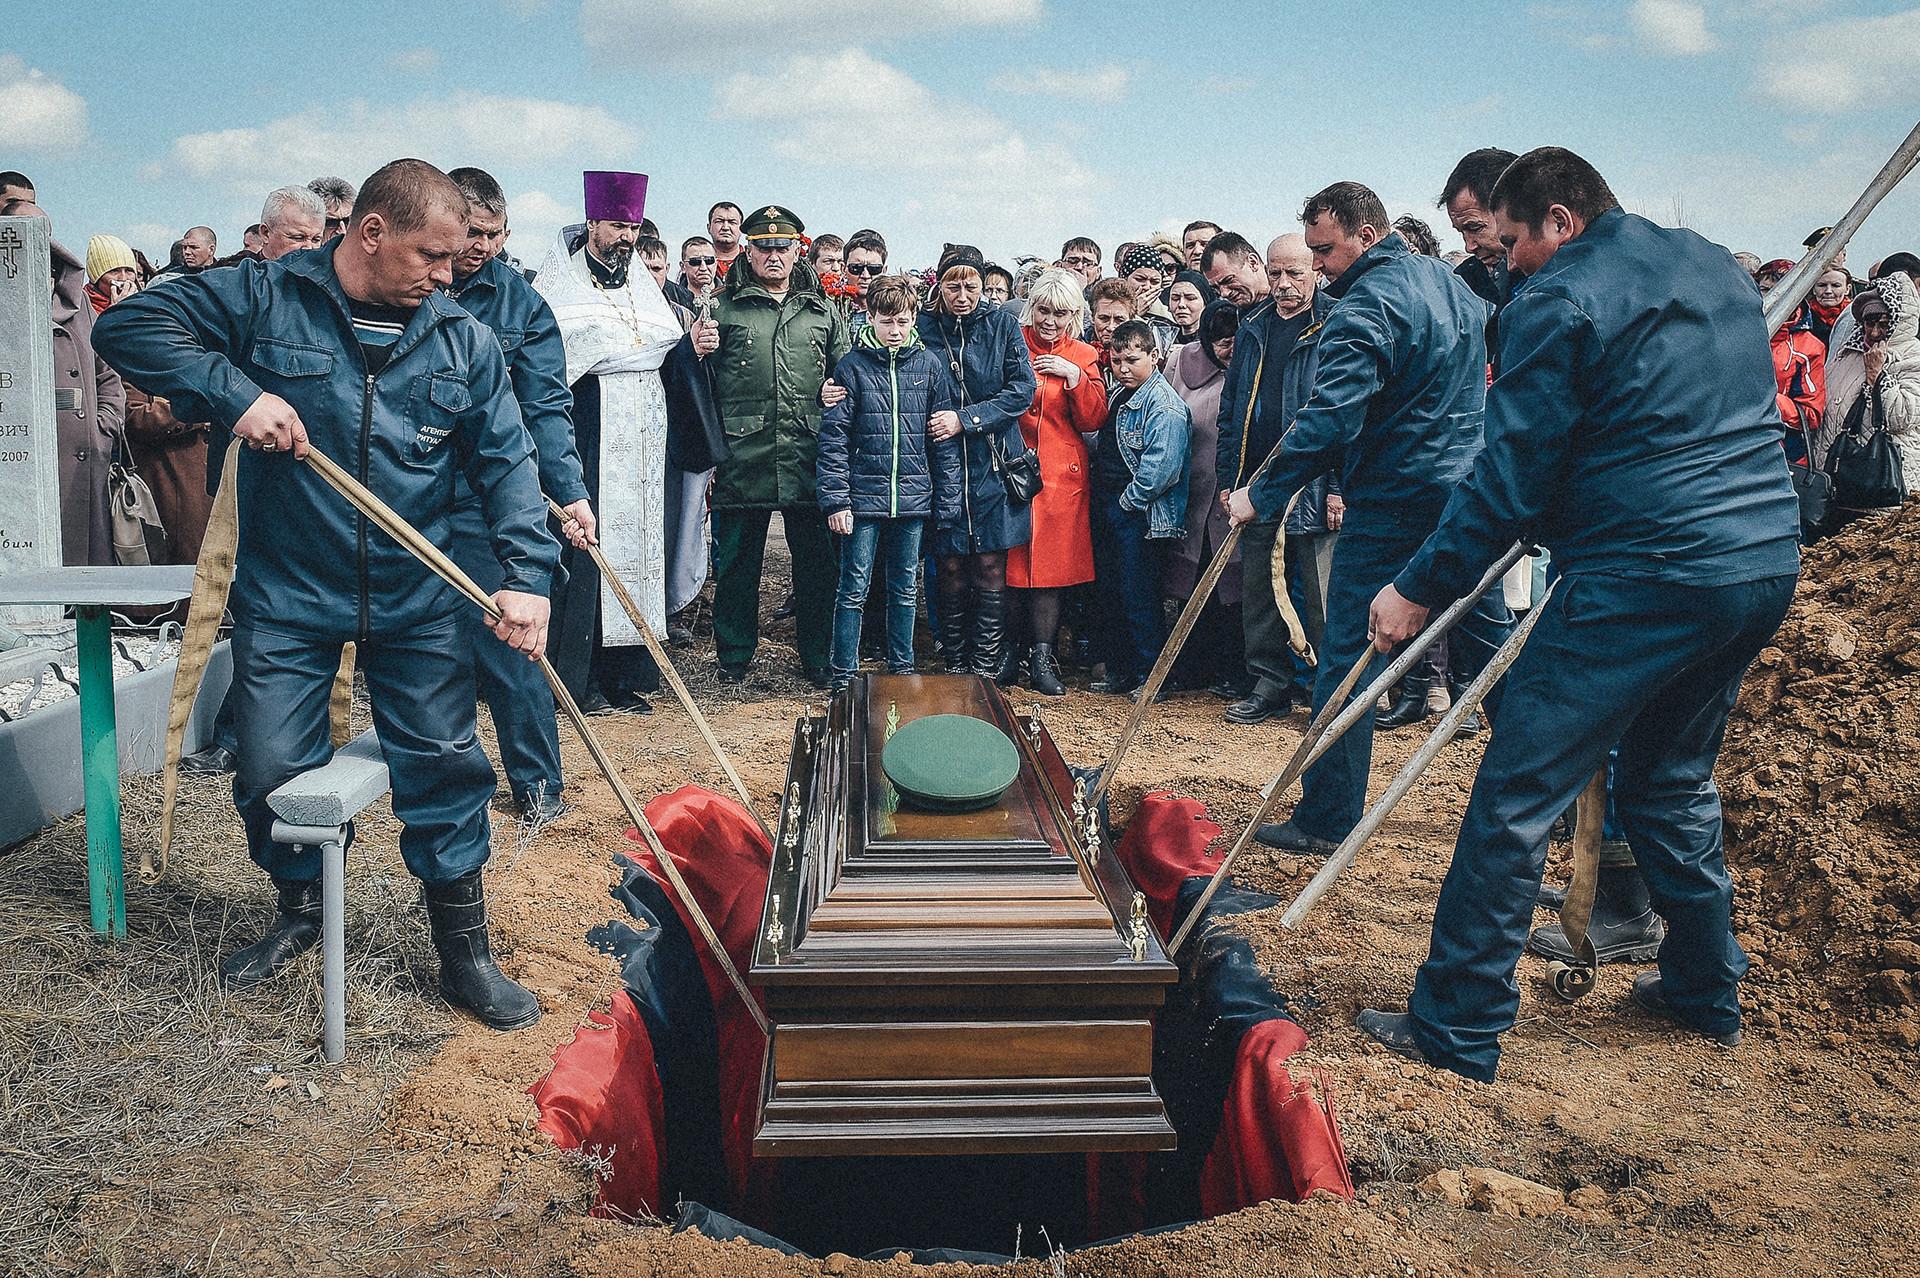 軍人の葬式